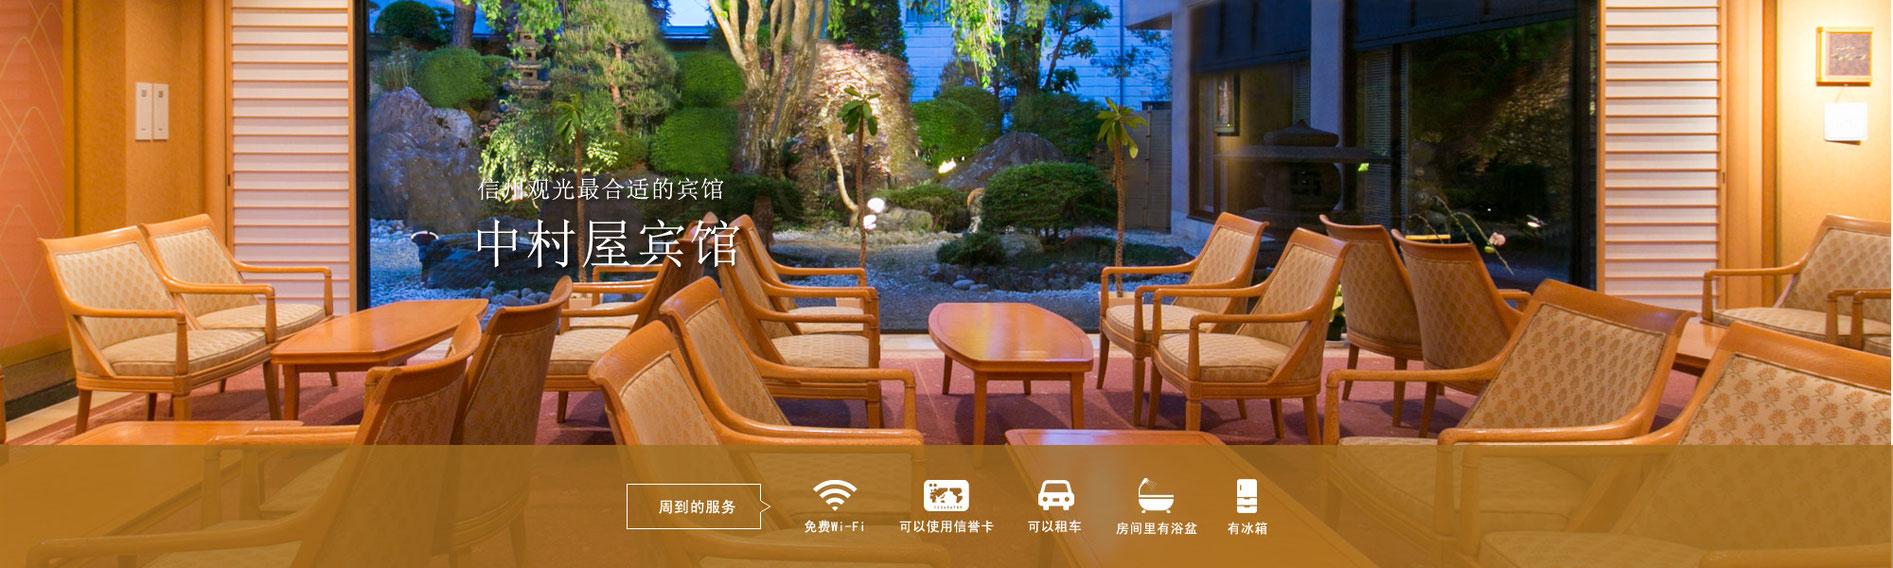 信州观光最合适的宾馆 中村屋宾馆 周到的服务